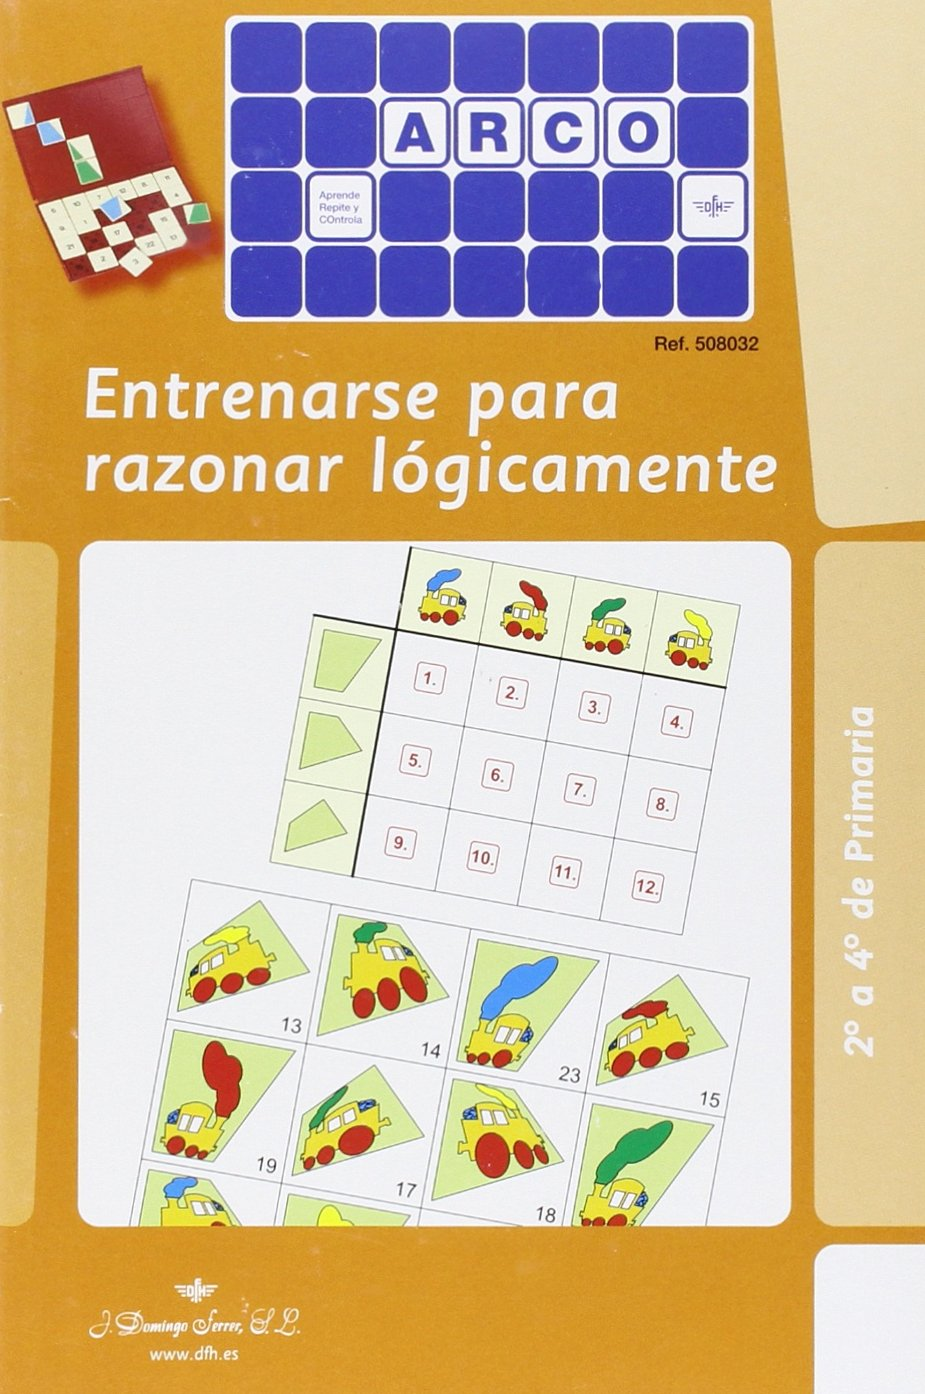 ARCO ENTRENARSE PARA RAZONAR LOGICAMENTE 2º A 4º PRIMARIA R: Amazon.es: Aa.Vv.: Libros